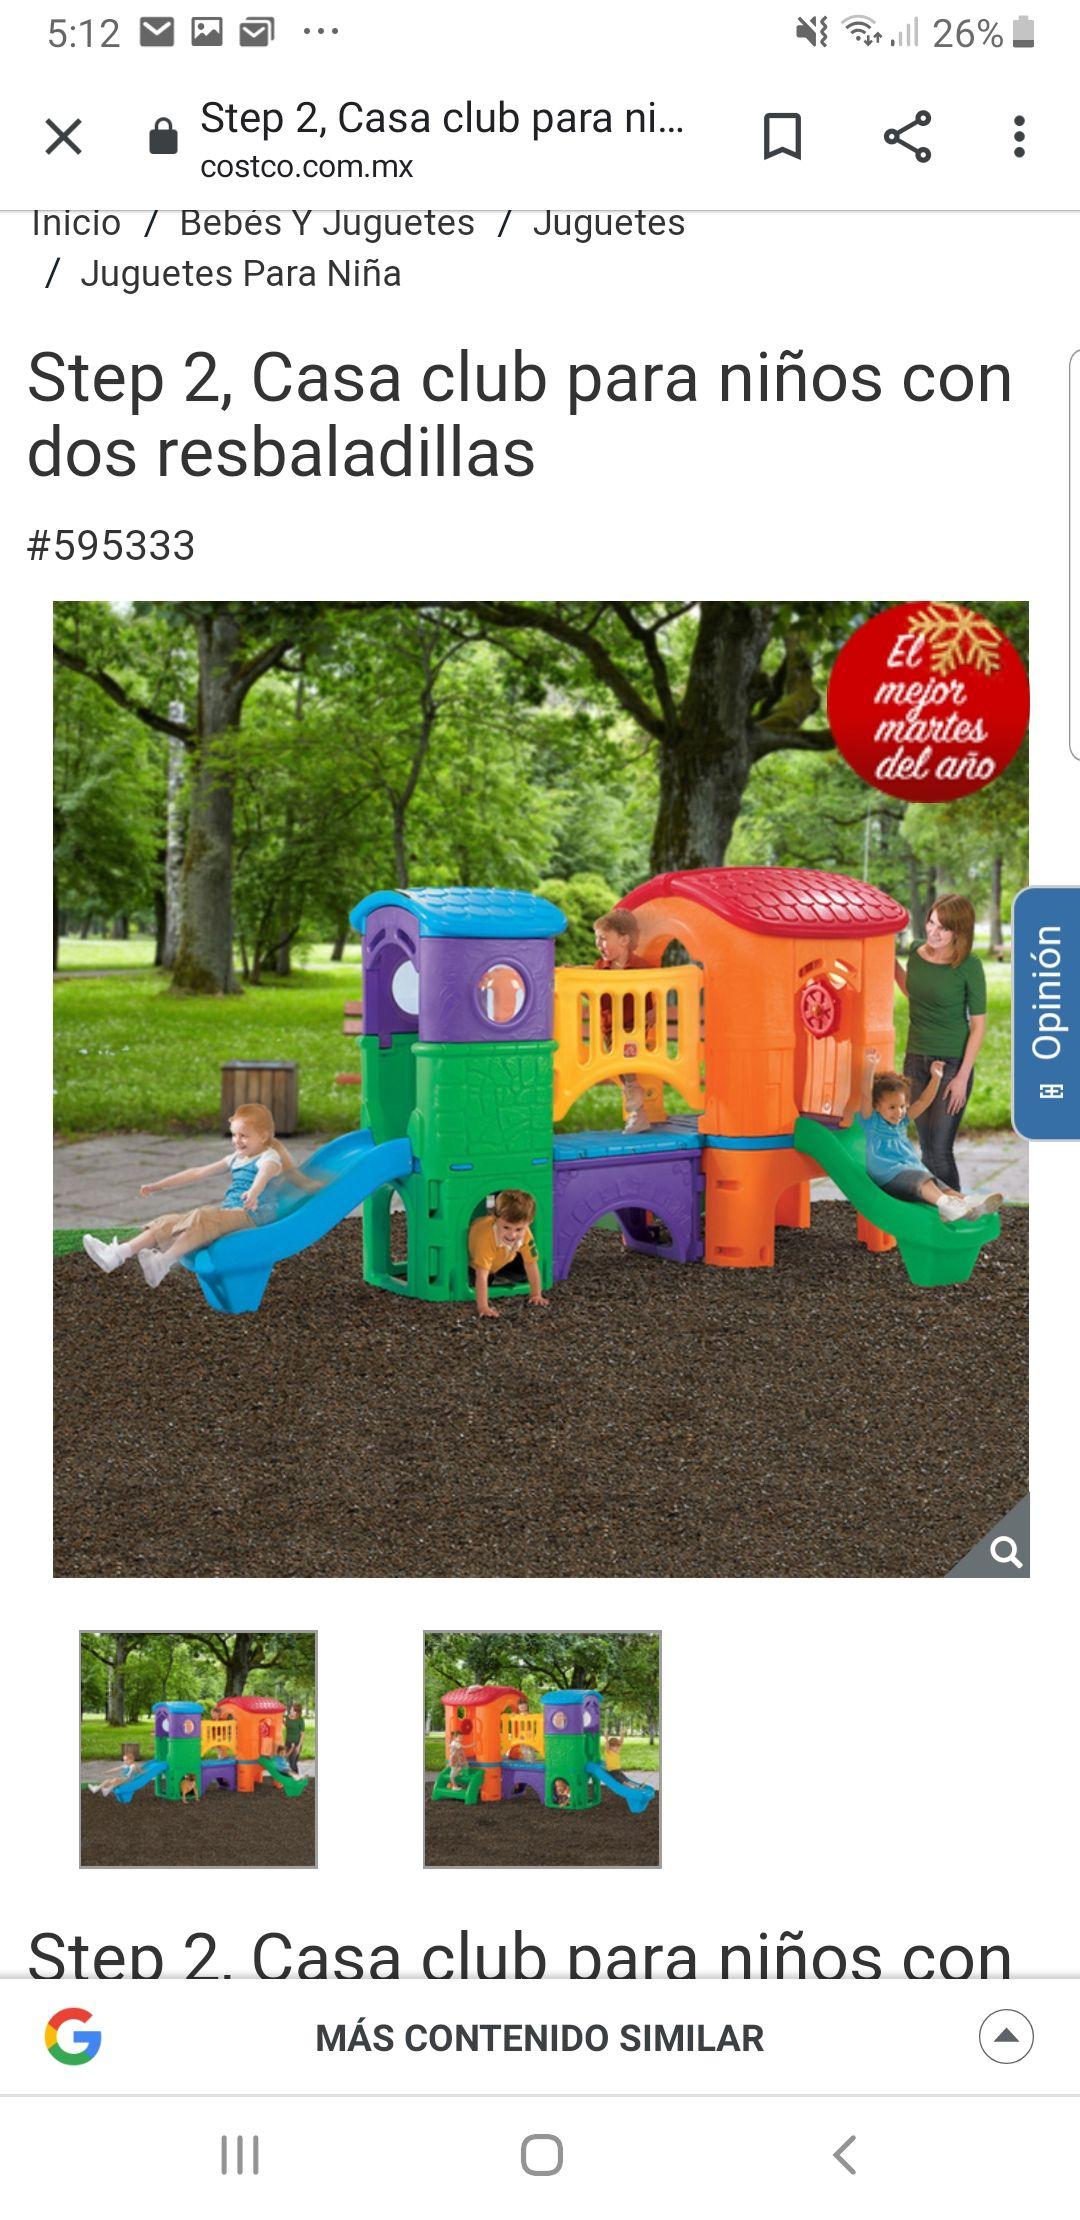 Costco: Step 2 - Casa club para niños con dos resbaladillas